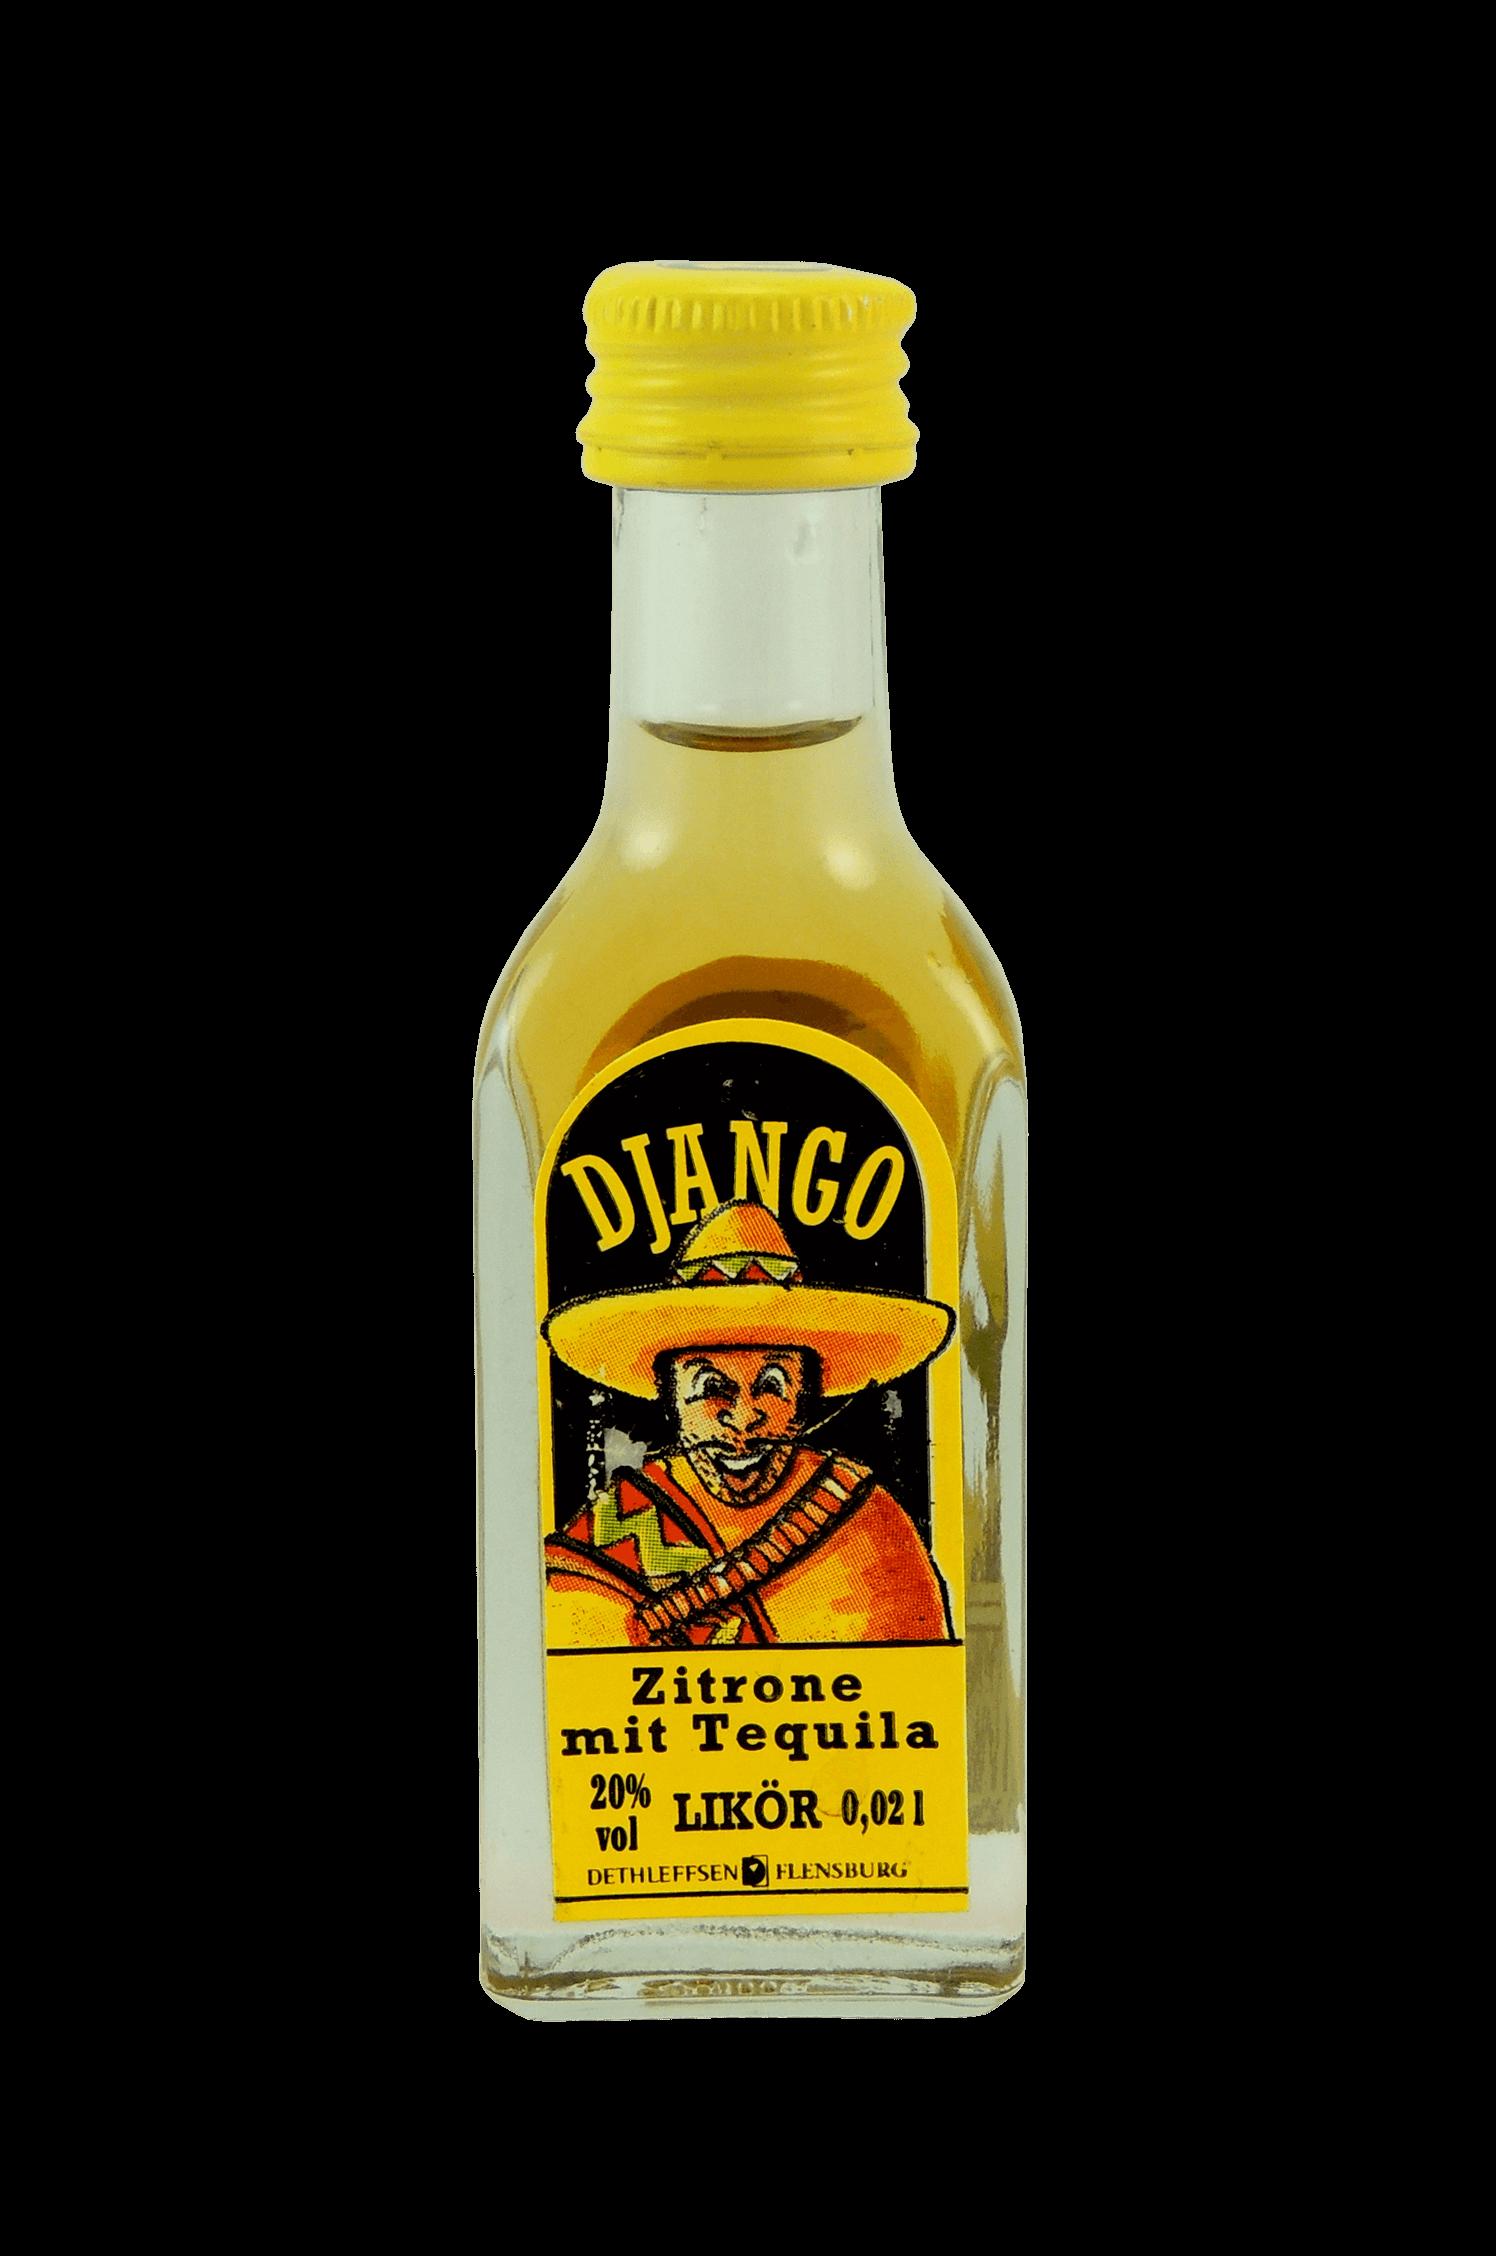 Diango Zitrone Tequila Likör